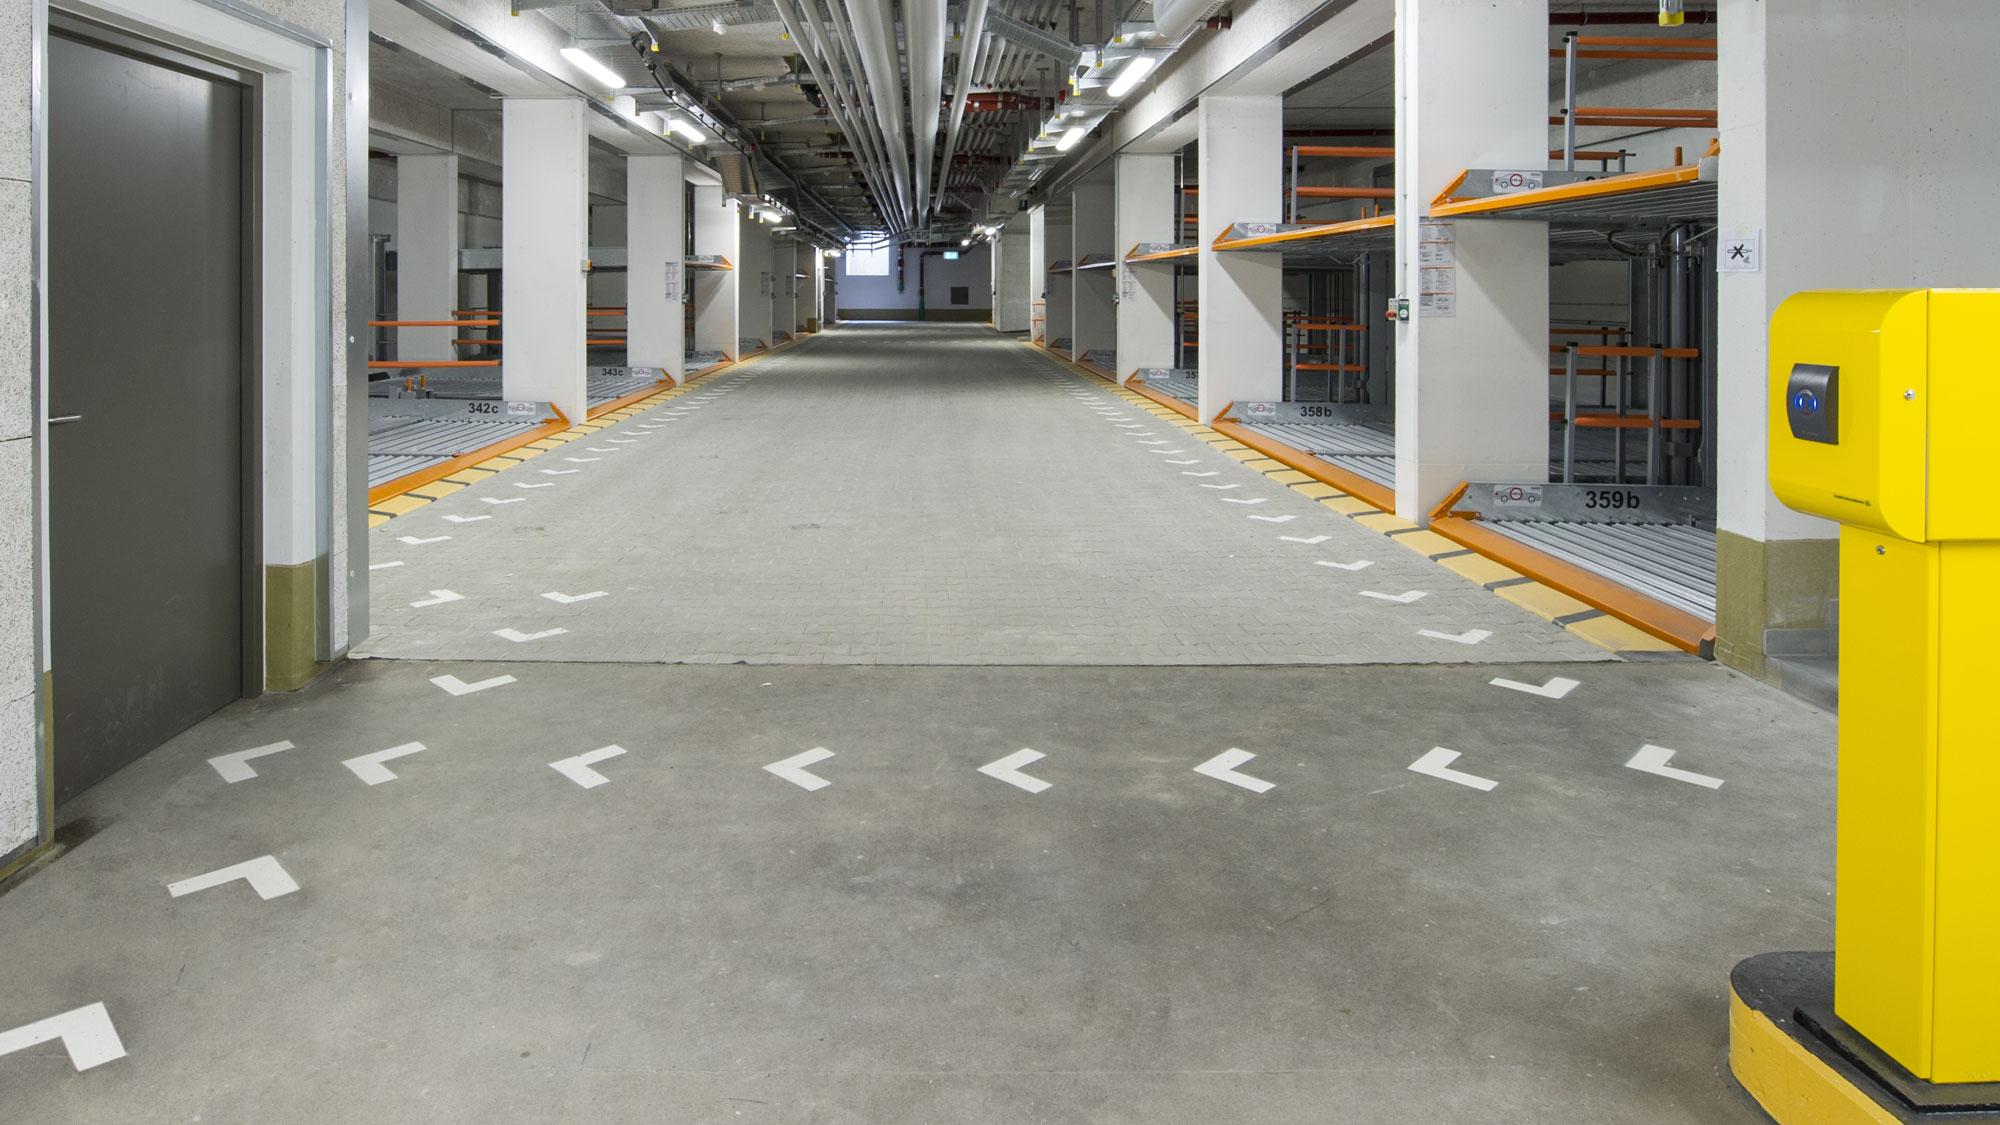 studiosus-4: Tiefgarage mit Doppelparkern